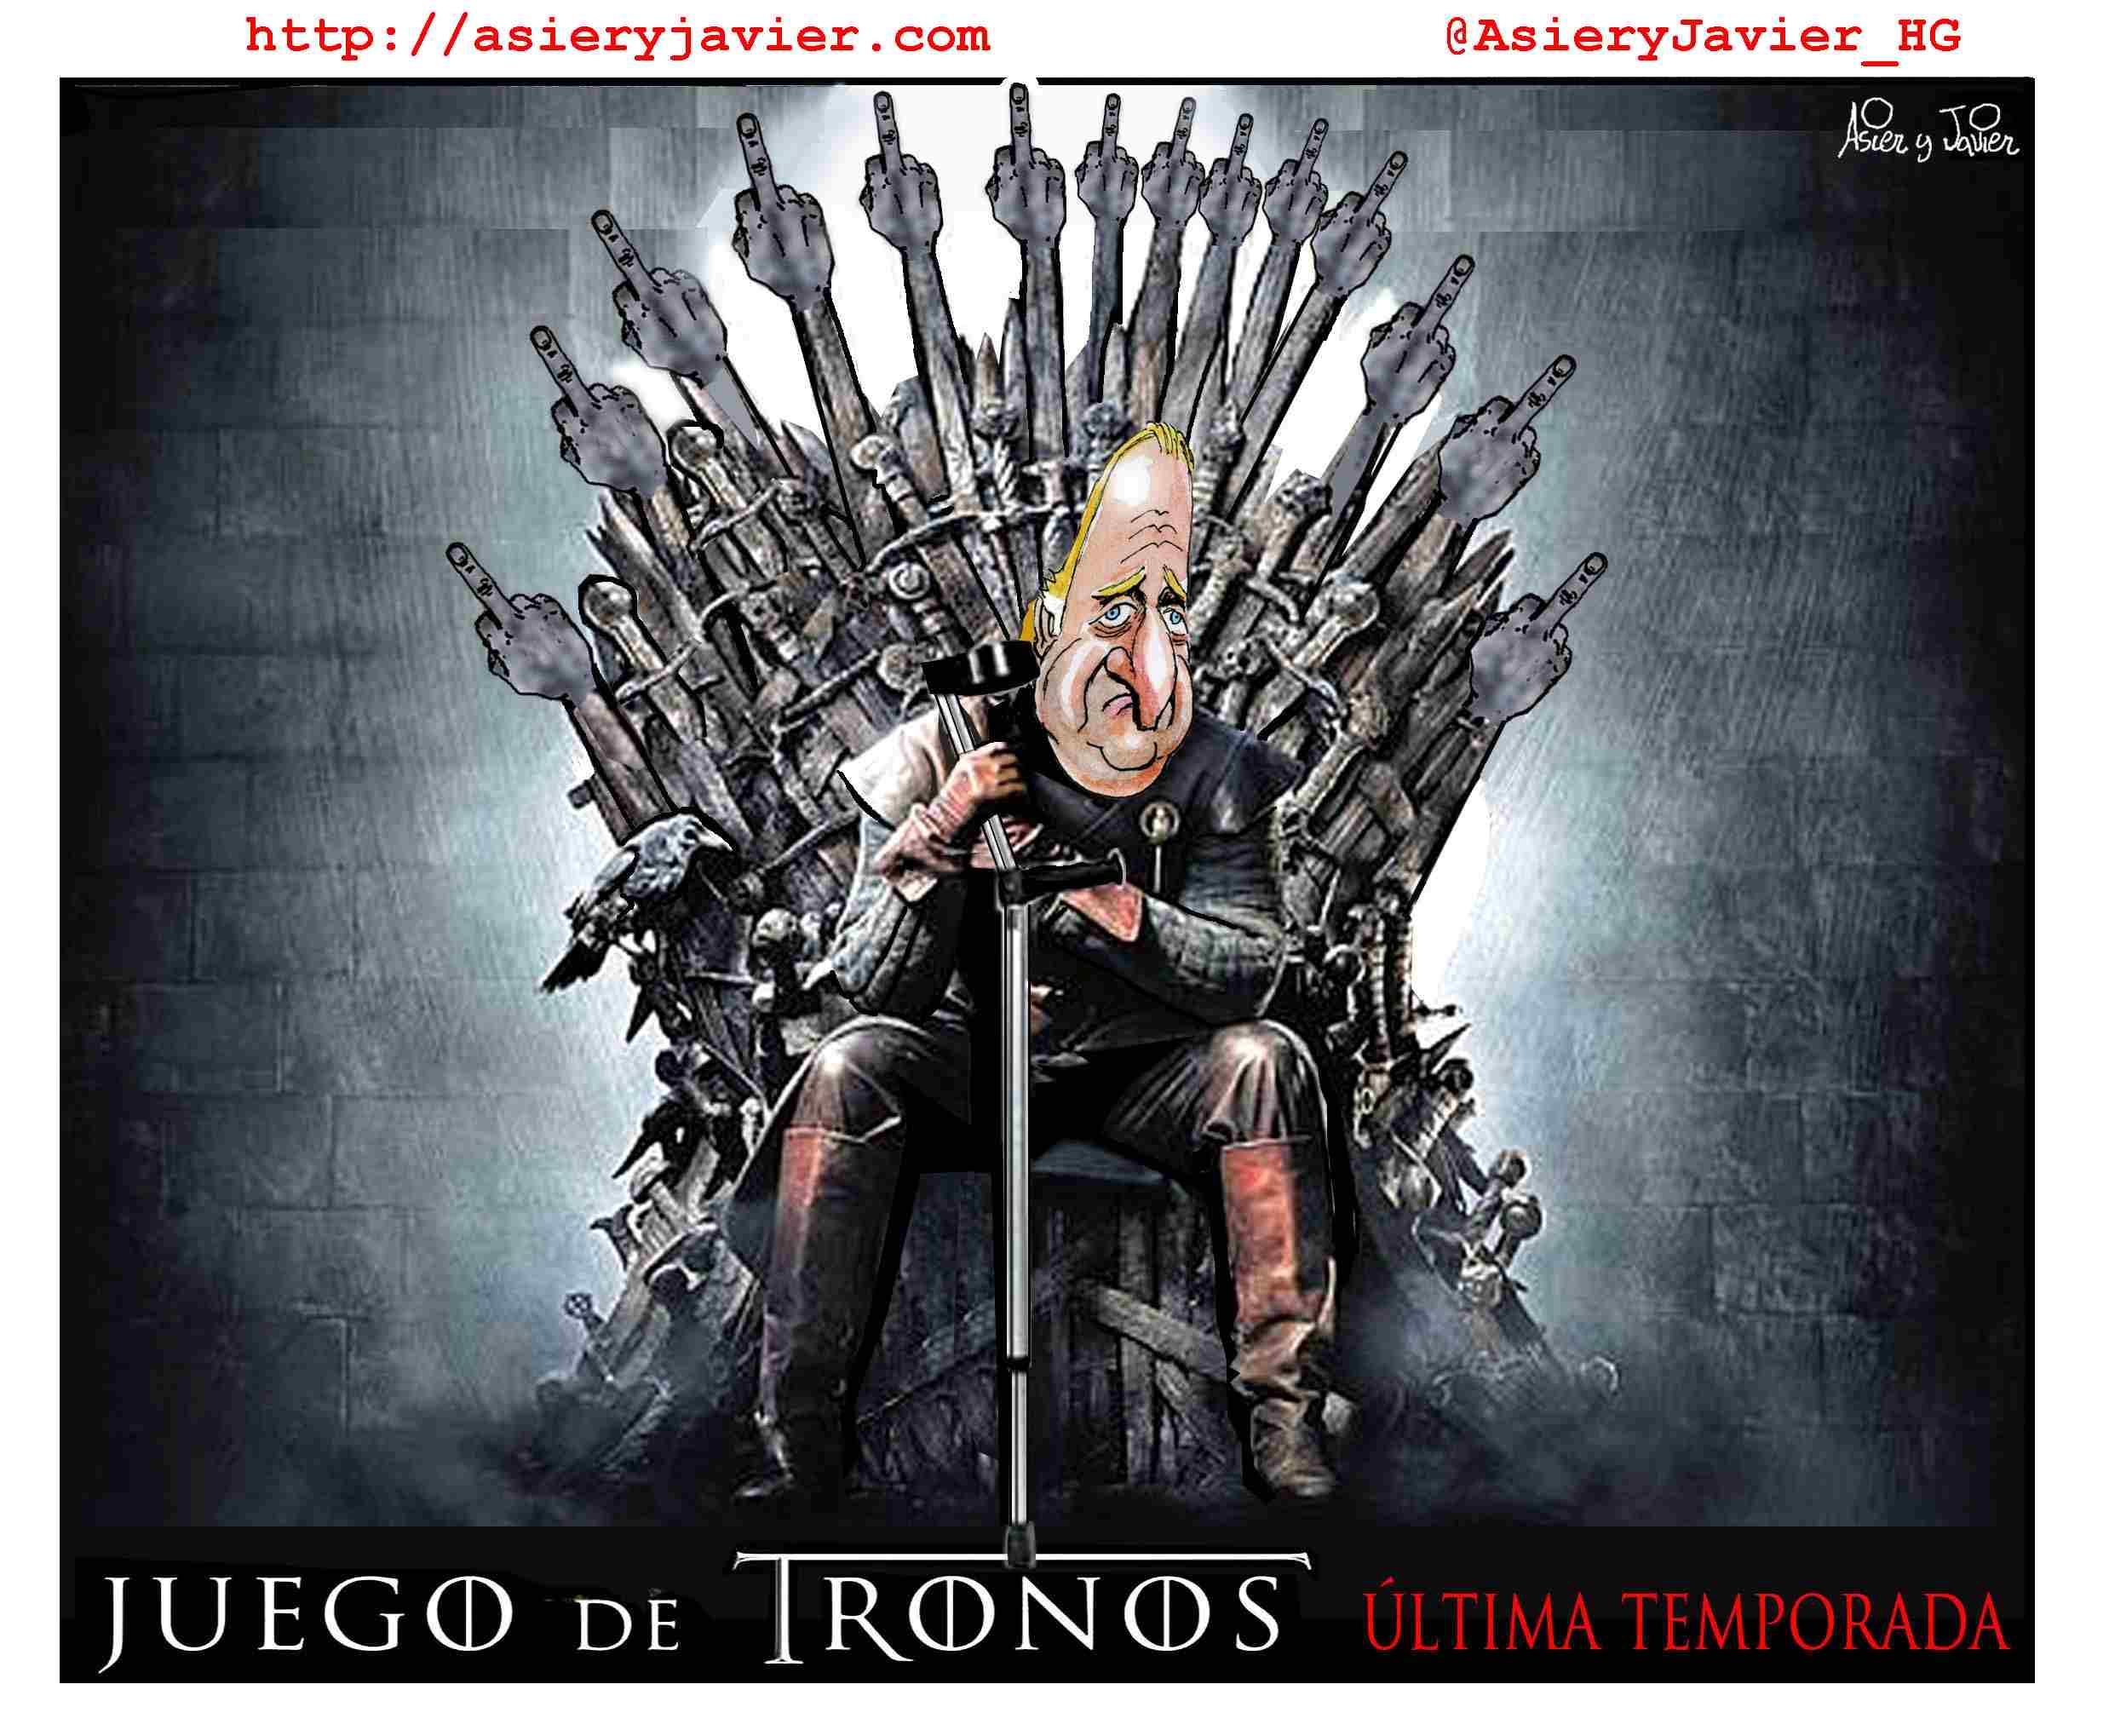 Última temporada de Juan Carlos en Juego de Tronos. Humor, abdicación, caricatura.